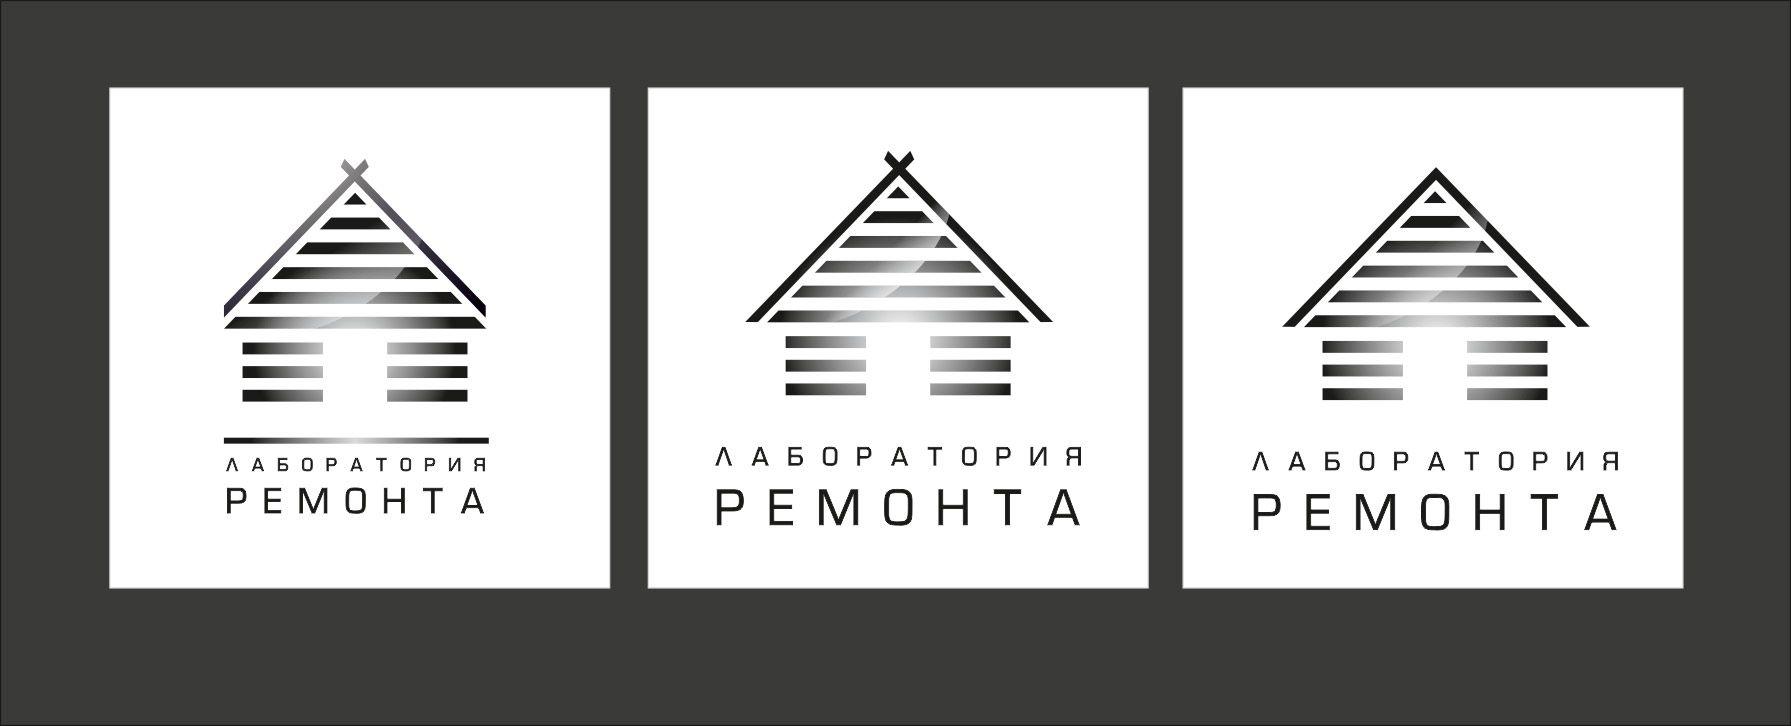 Разработка логотипа компании по ремонту и дизайну - дизайнер sunavi_ann